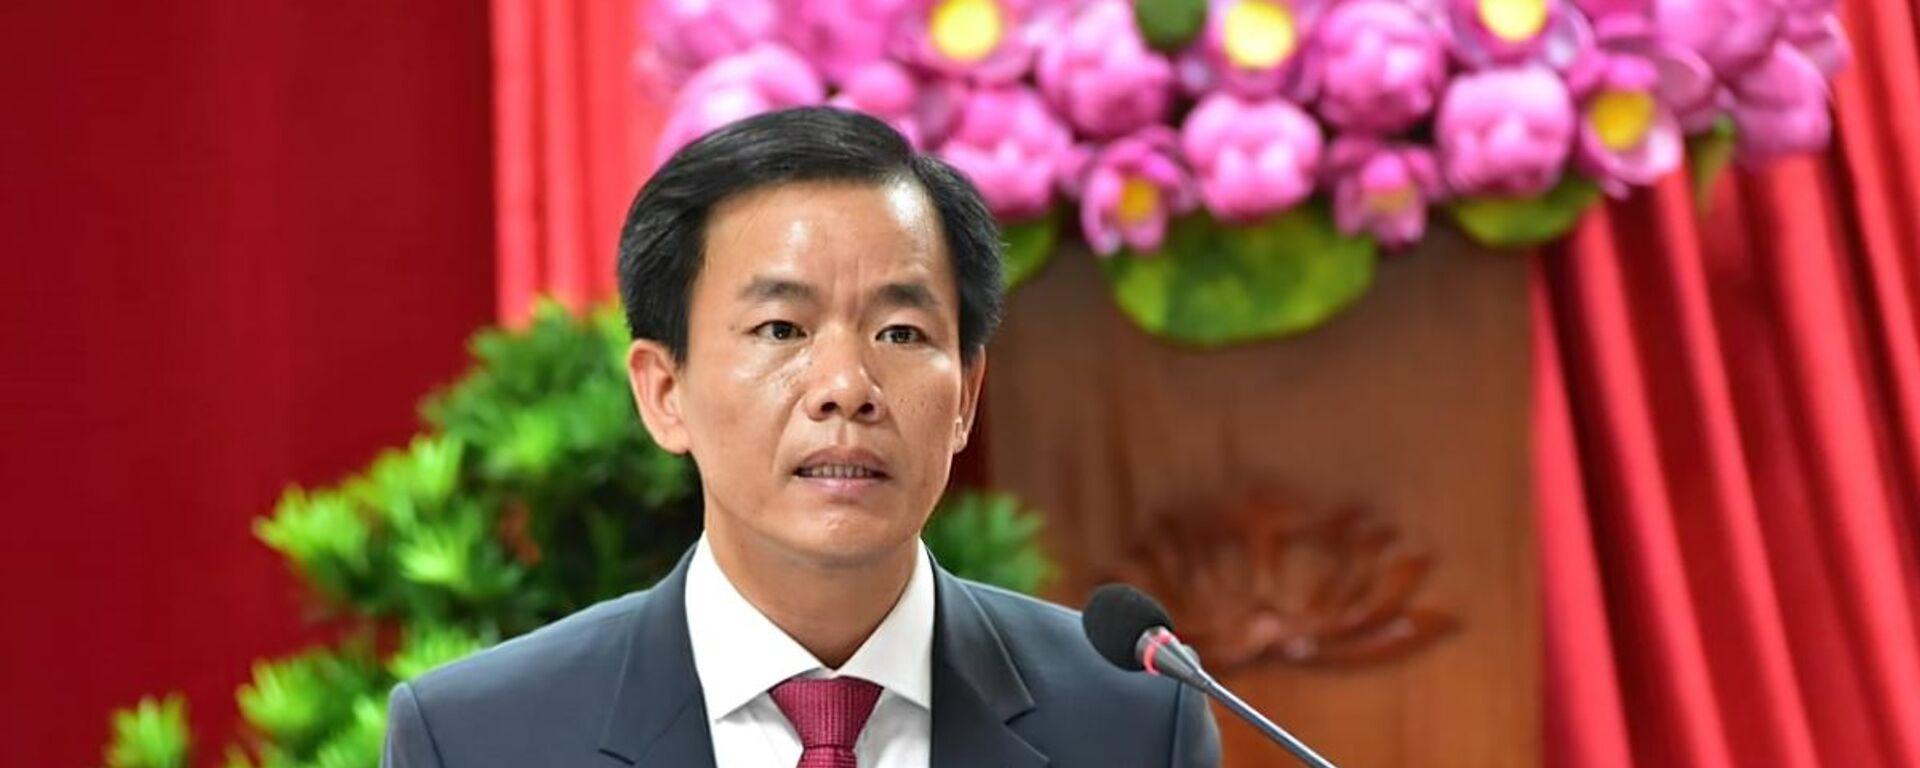 Ông Nguyễn Văn Phương, Chủ tịch UBND tỉnh Thừa Thiên – Huế - Sputnik Việt Nam, 1920, 12.10.2021